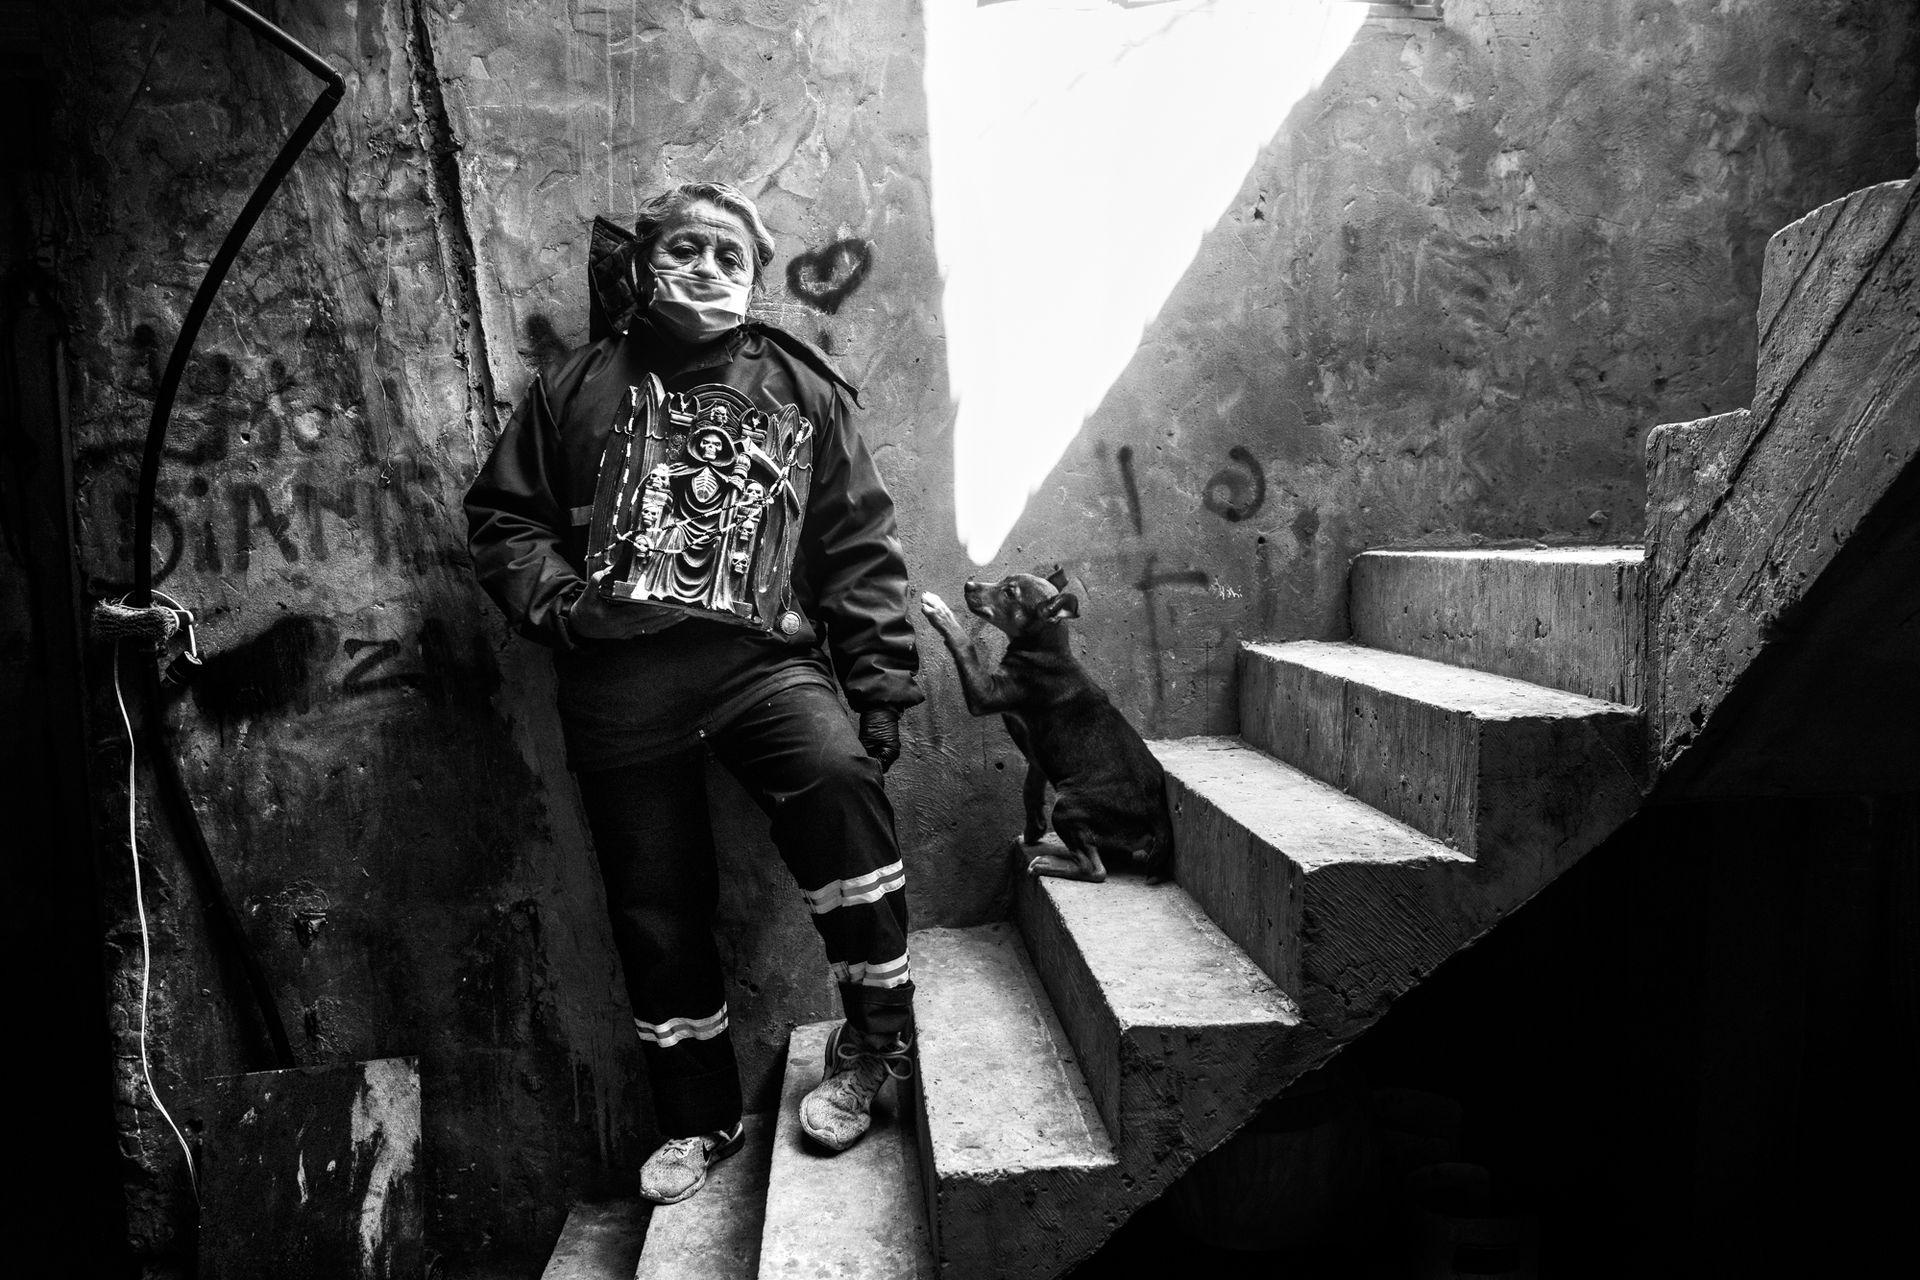 """""""Chicho"""". Así conocen todos los vecinos a Yolanda Carrizo. Es consejera barrial y tiene 67 años, 12 hijos, un perro fiel y una imagen de San La Muerte."""